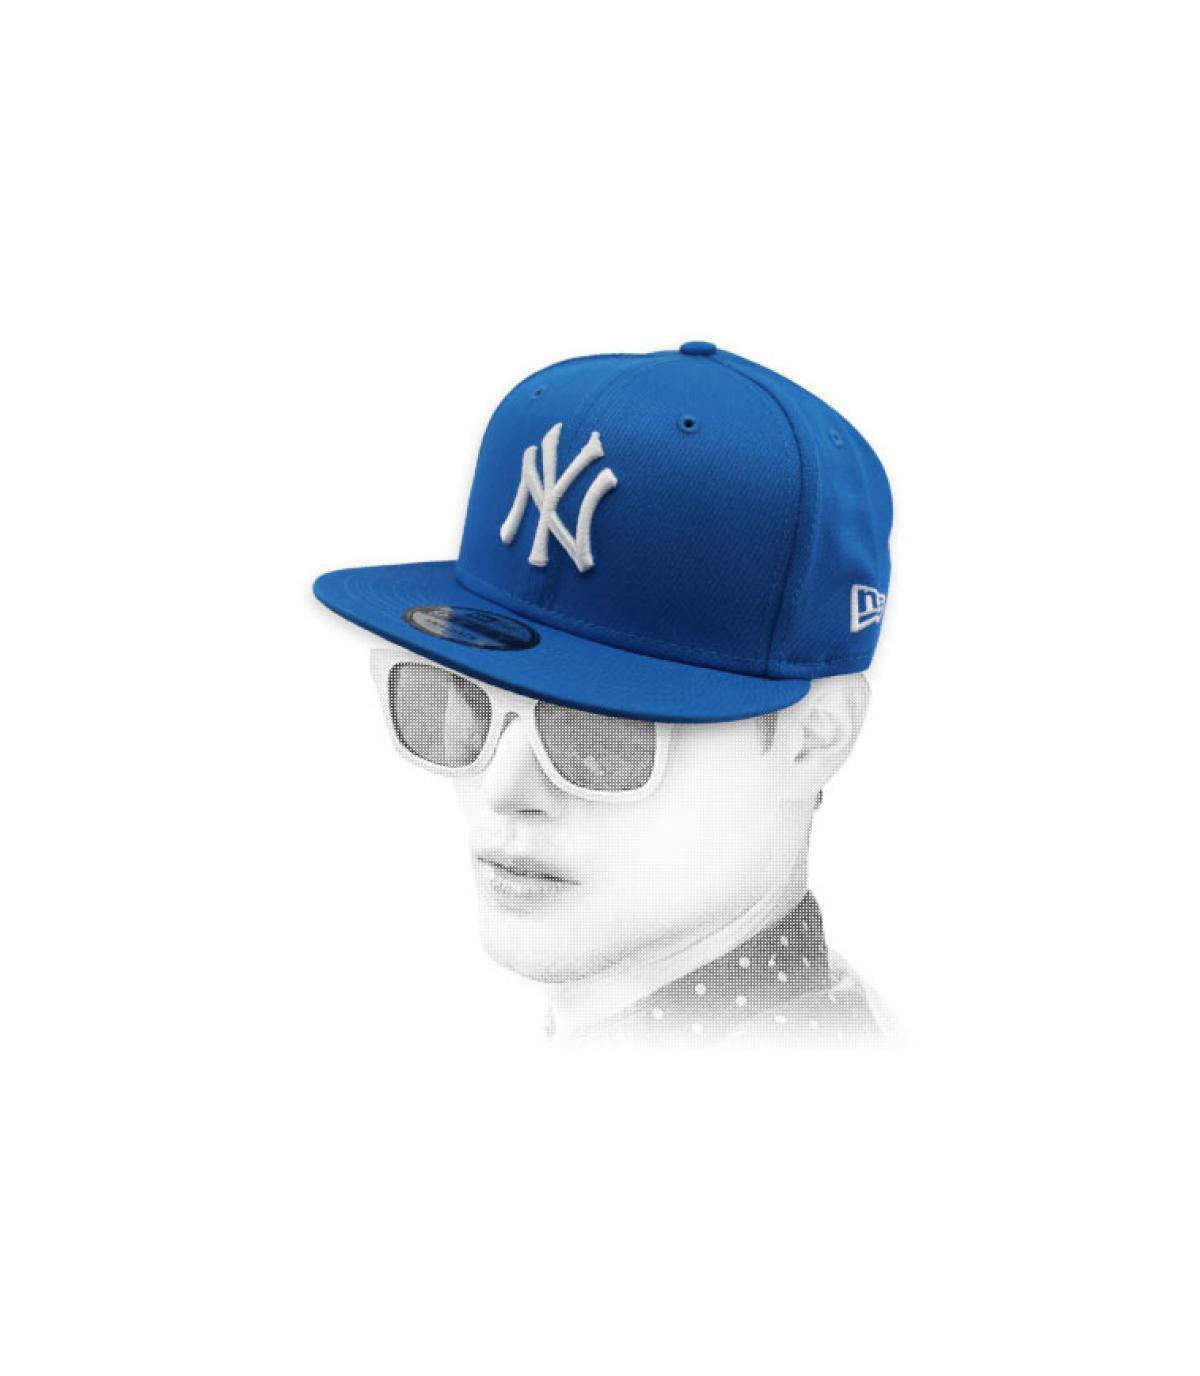 snapback NY blauw wit